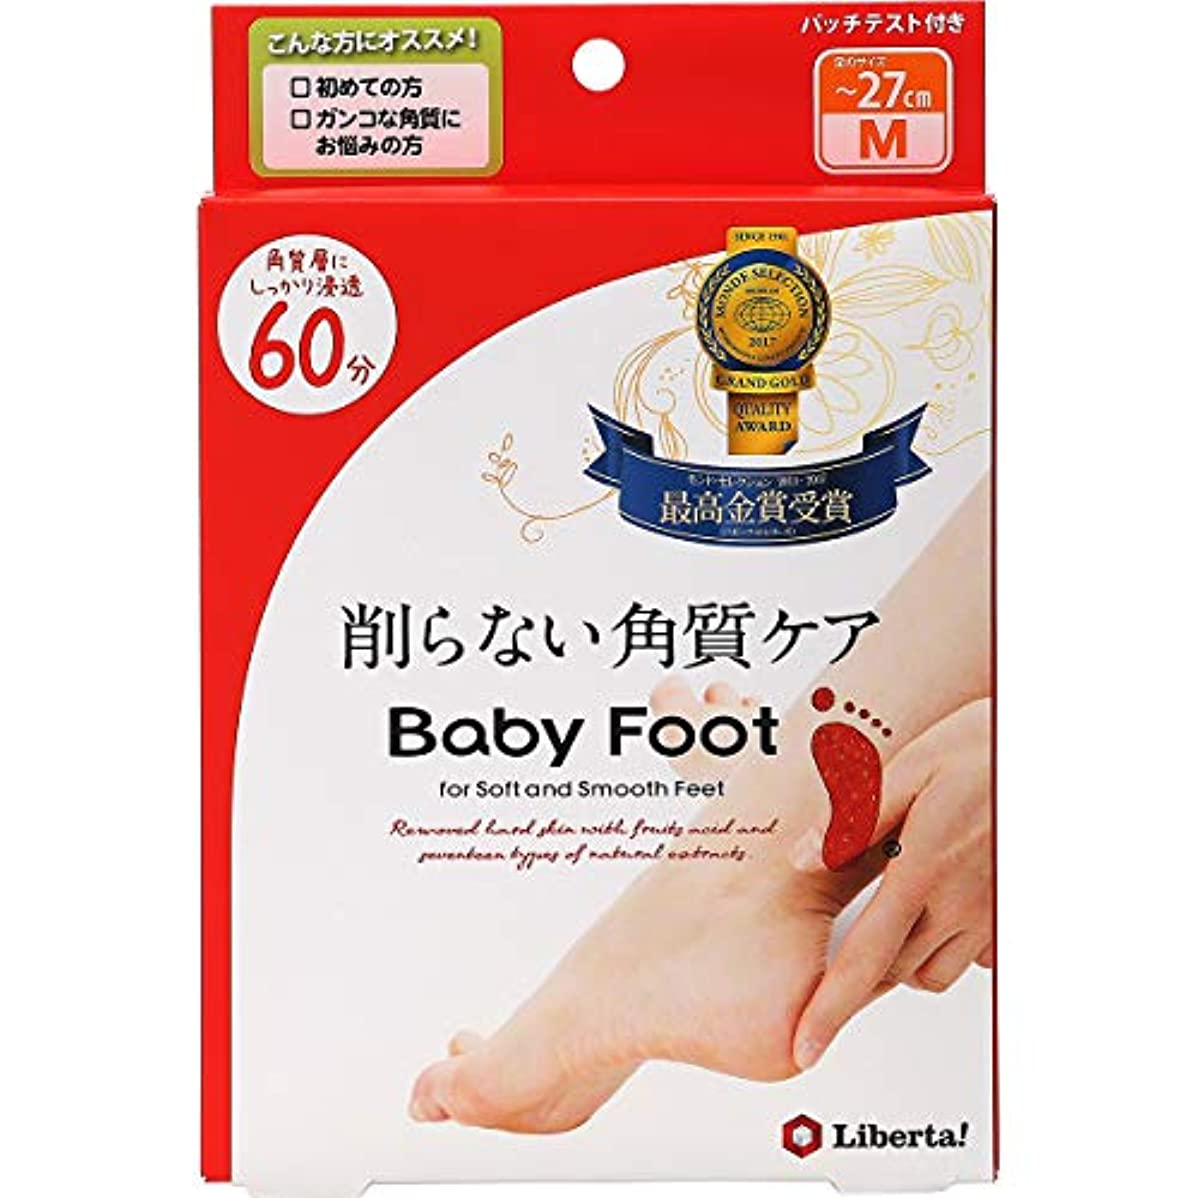 器用なに政権ベビーフット (Baby Foot) ベビーフット イージーパック SPT60分タイプ Mサイズ 単品